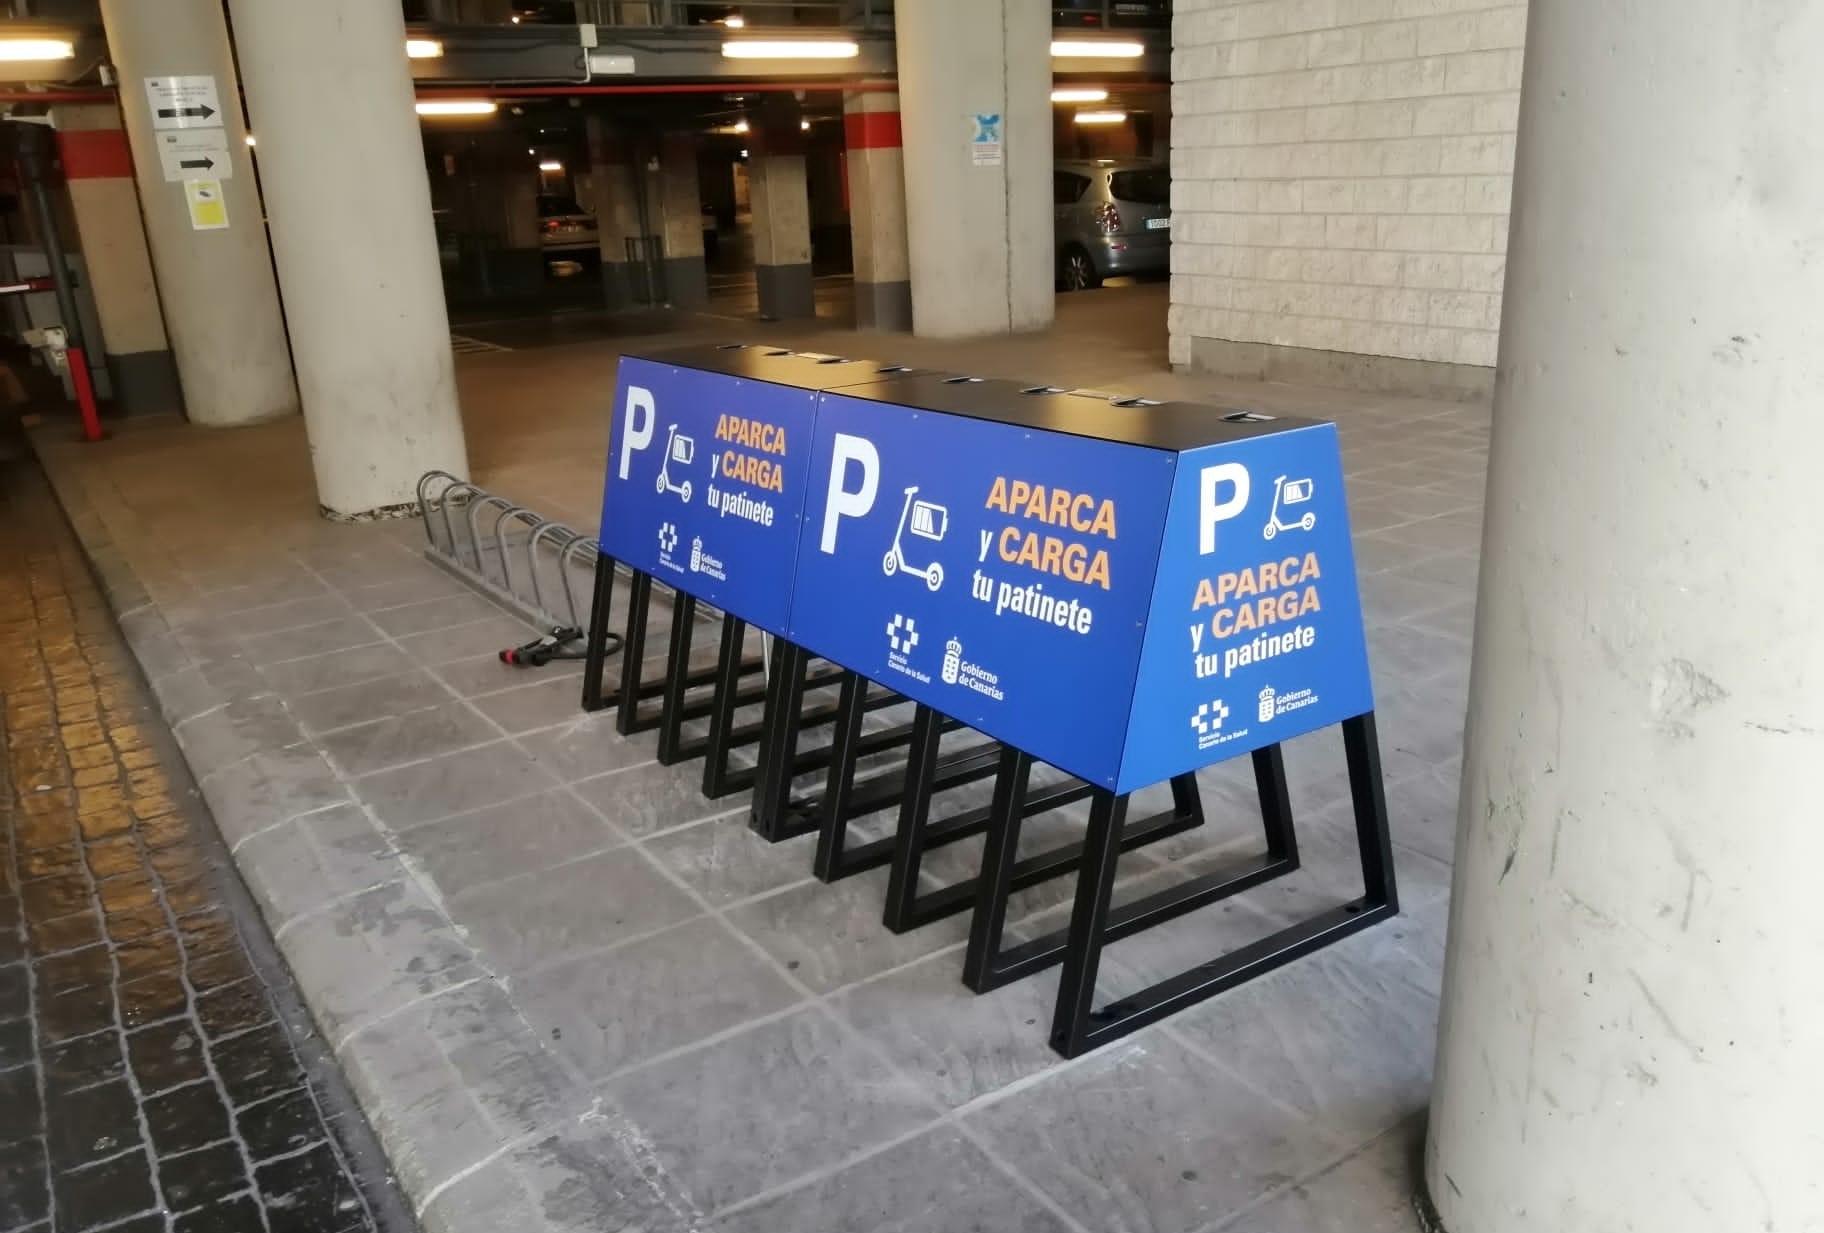 Puntos de parking y recarga eléctrica de patineta Hospital Negrín / CanariasNoticias.es